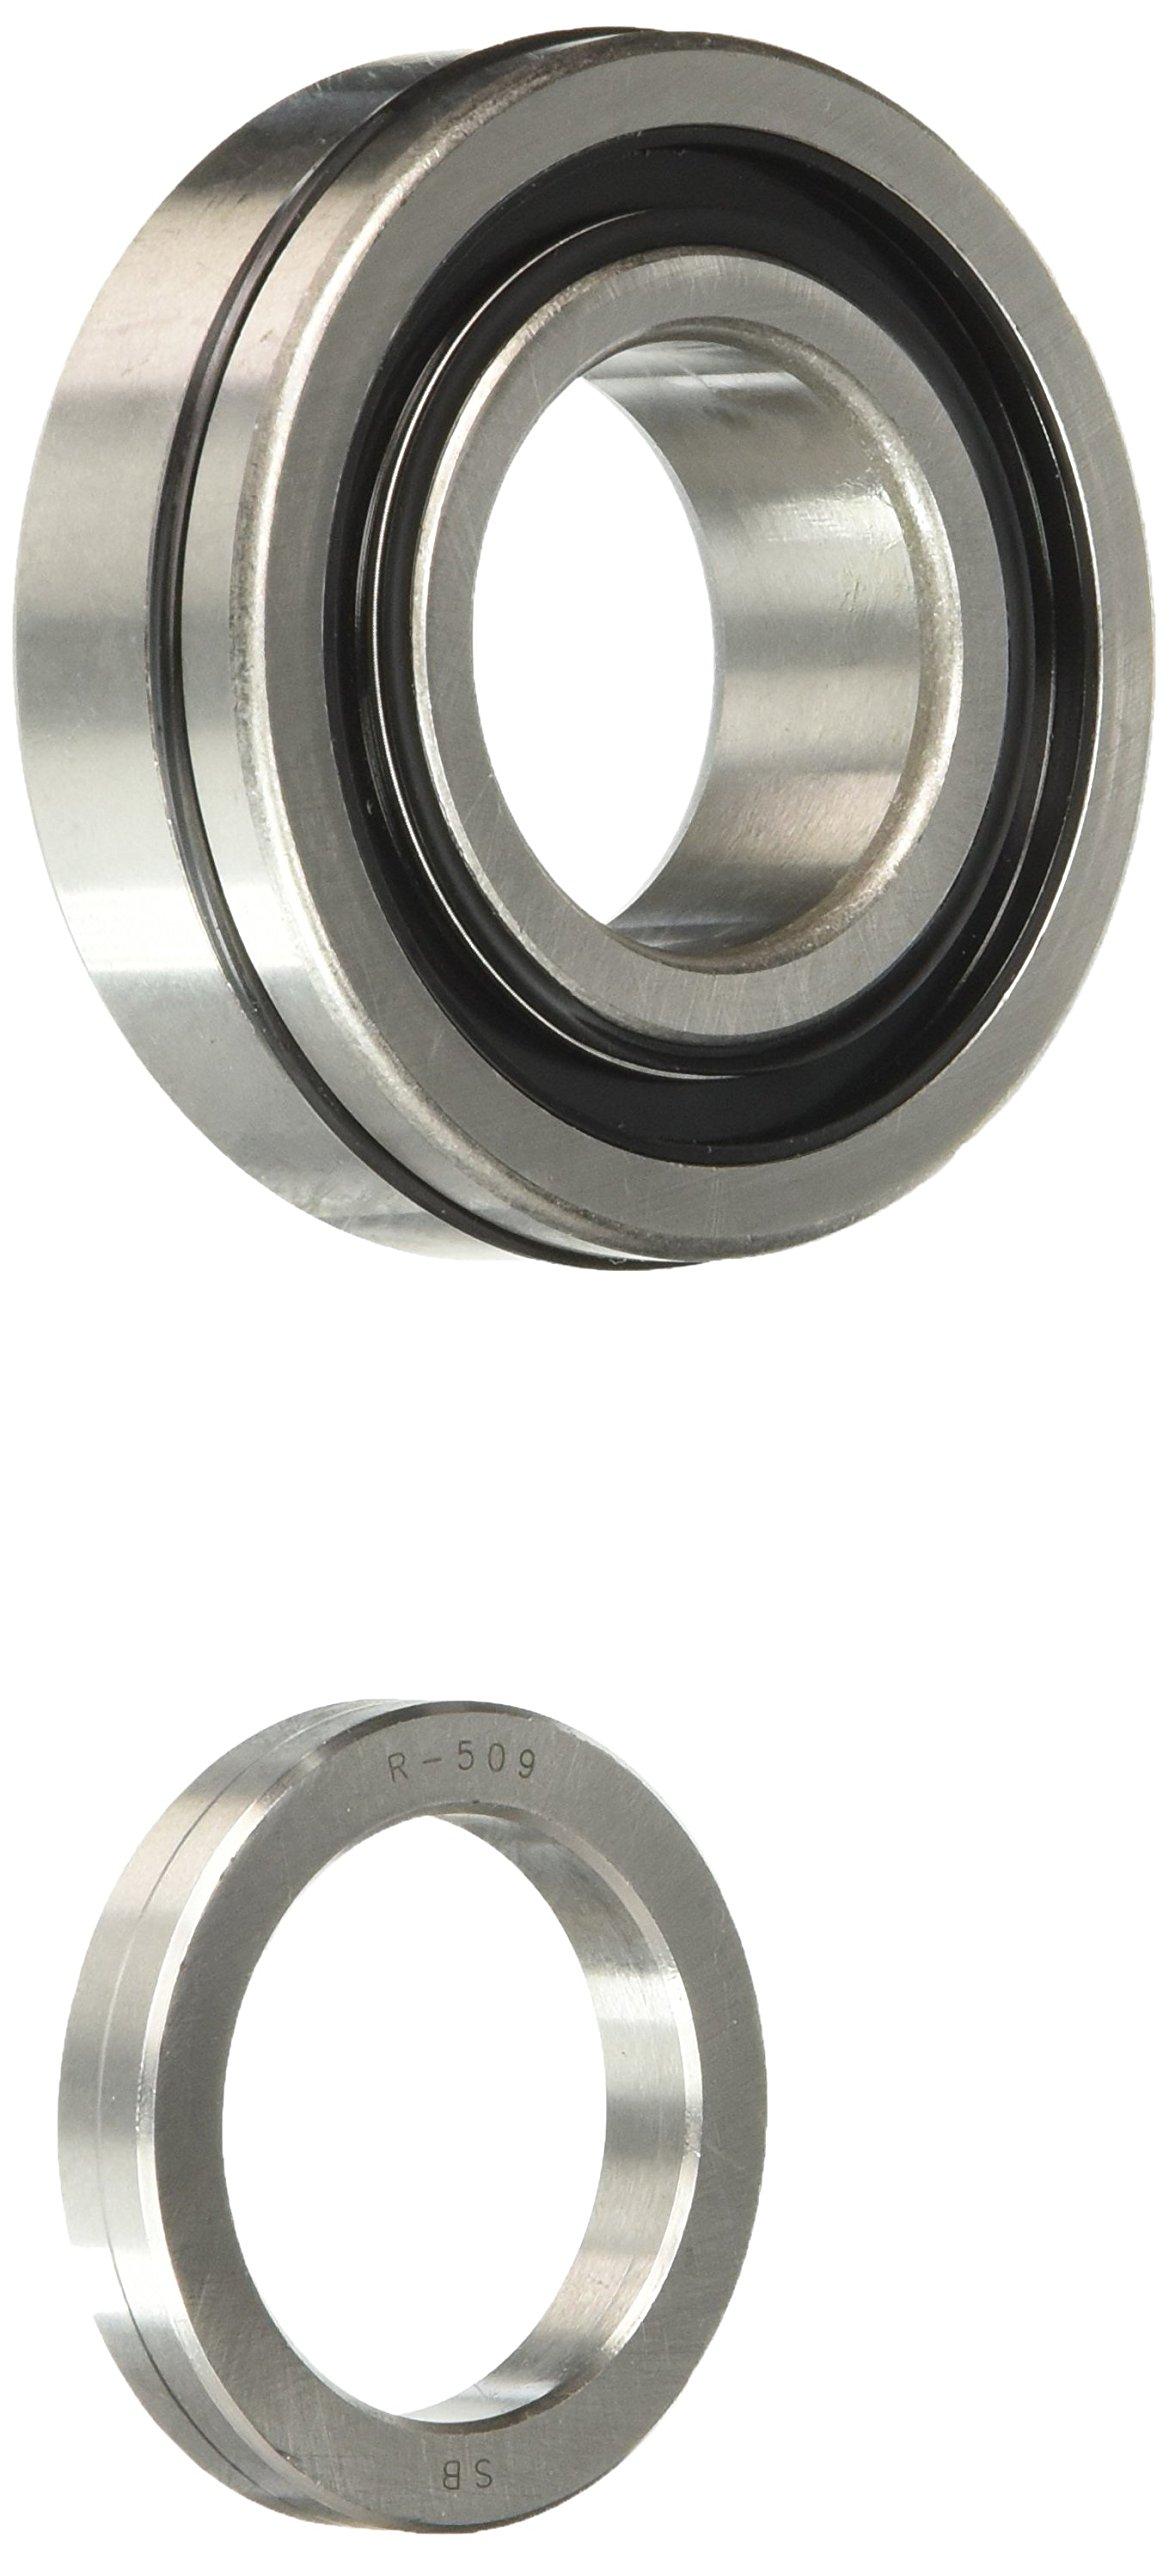 Timken RW509FR Rear Wheel Bearing